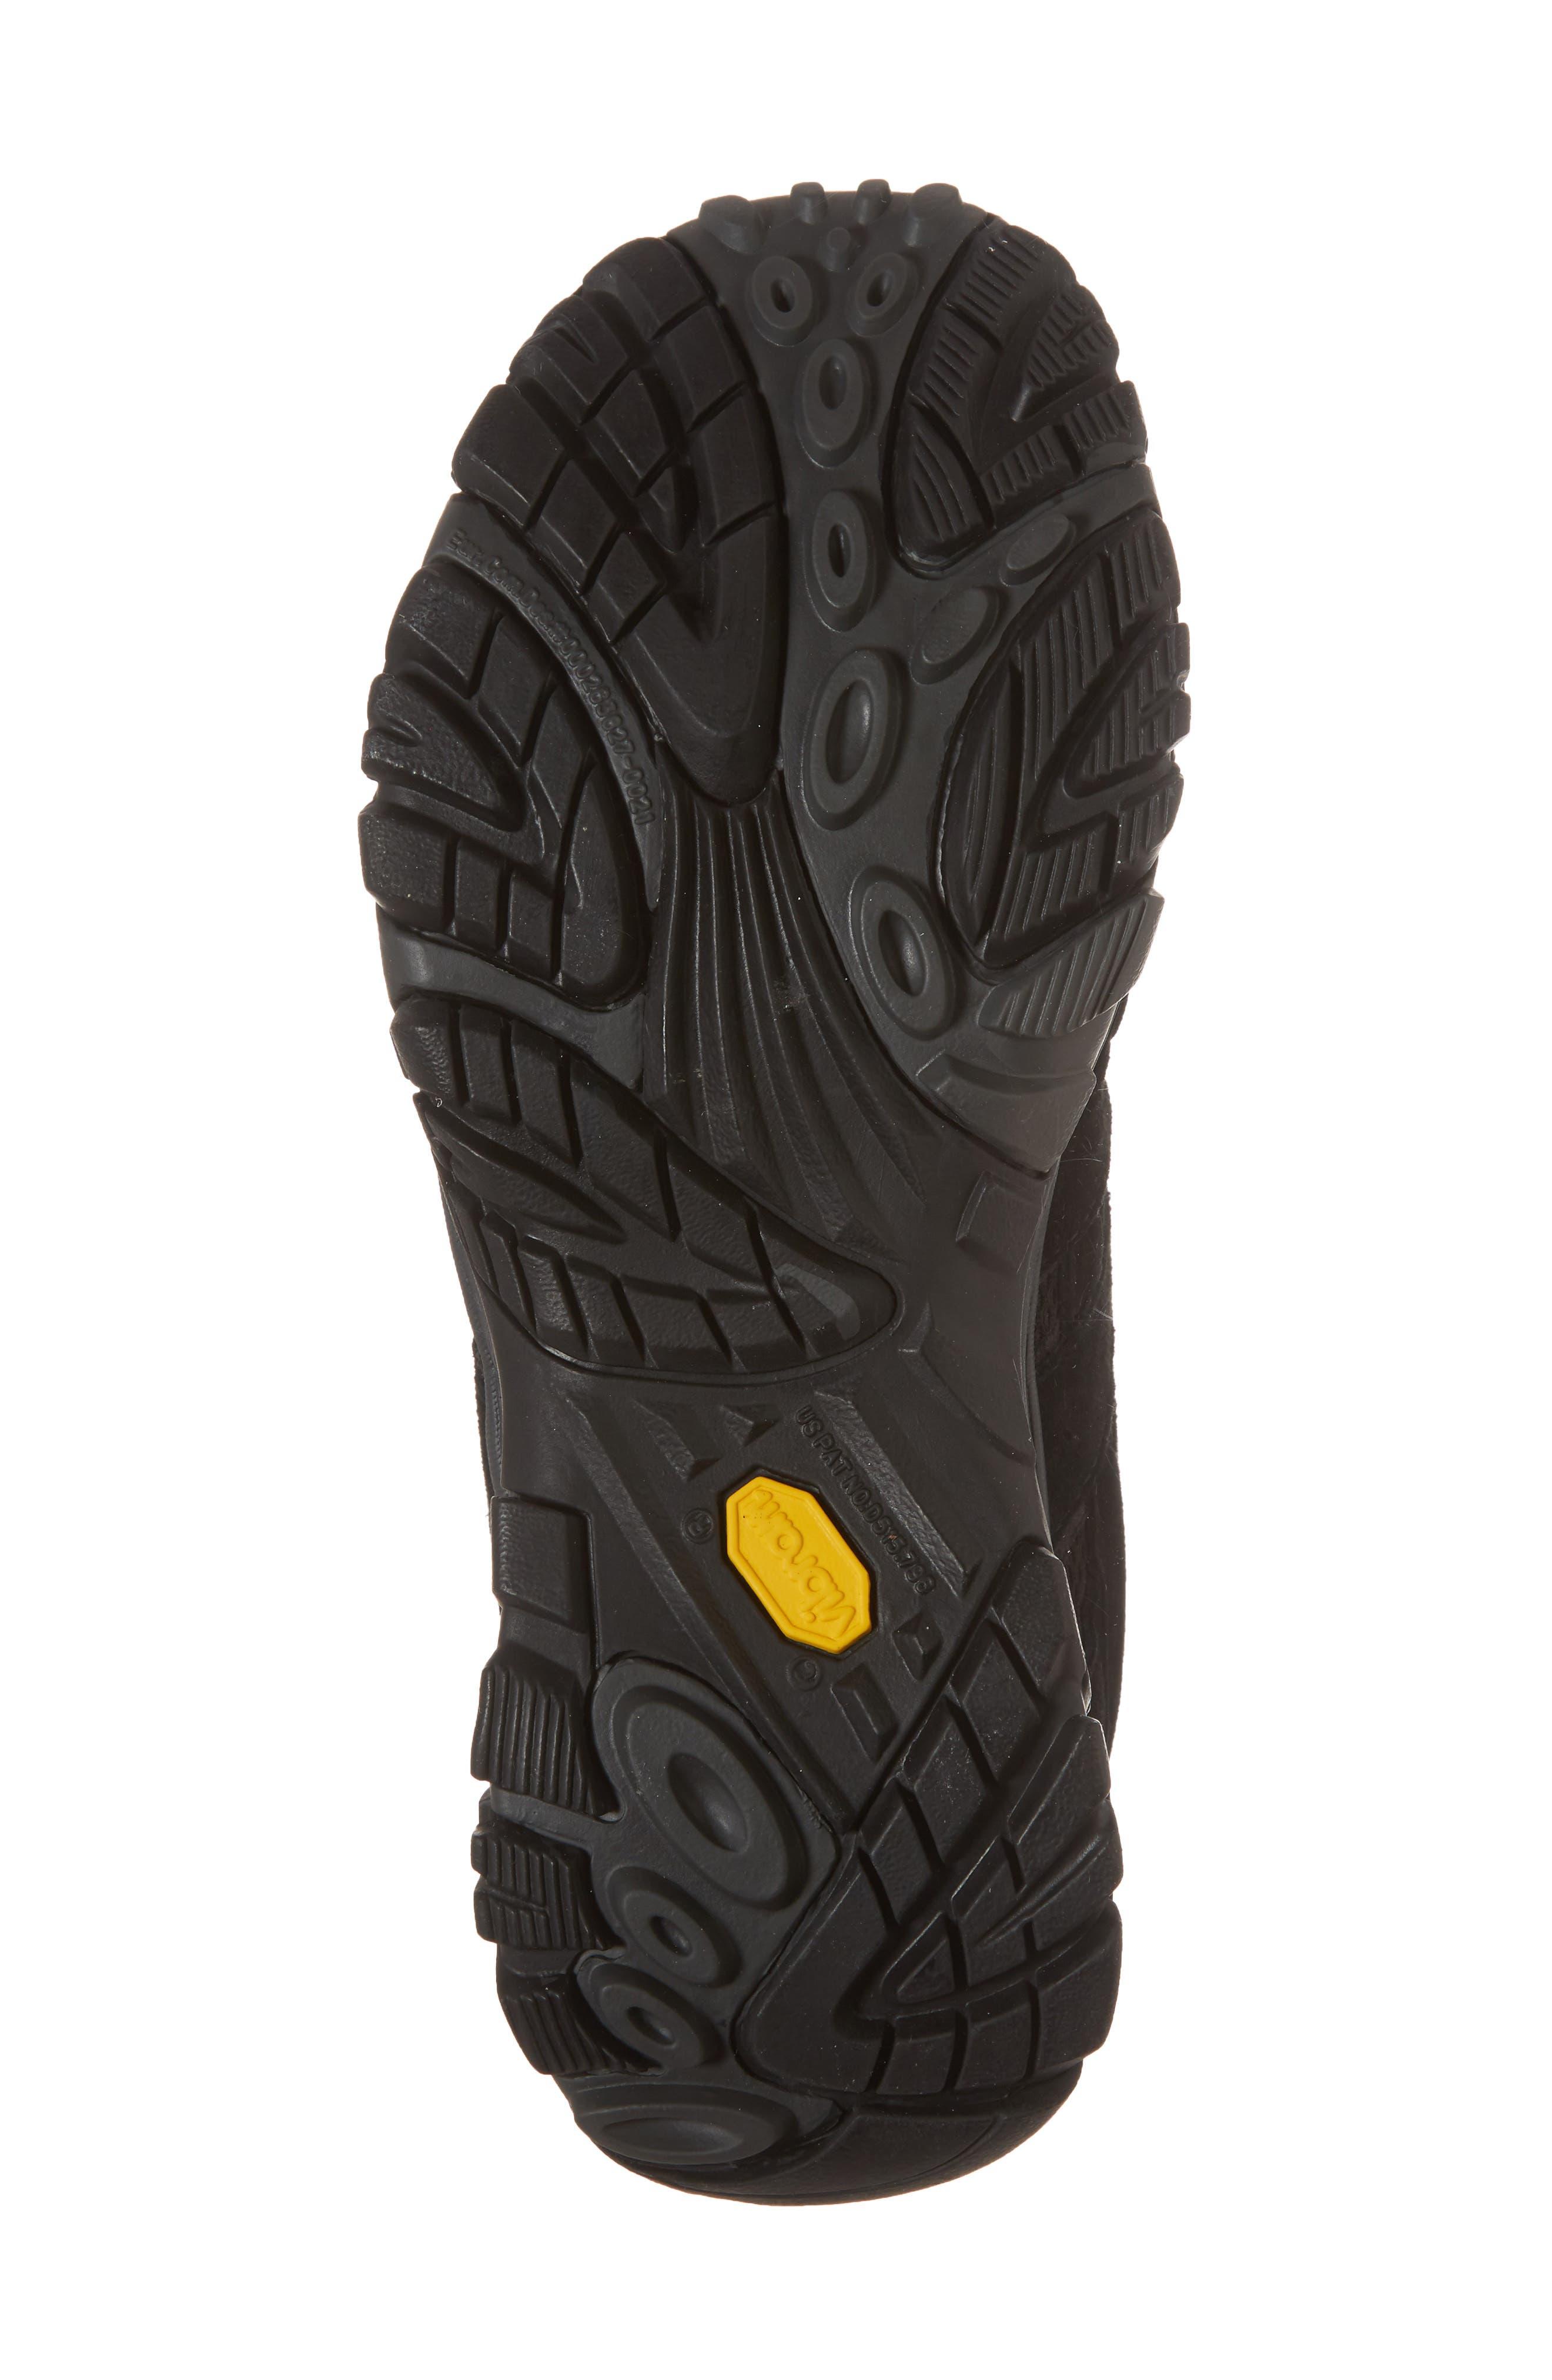 Moab 2 Ventilator Hiking Shoe,                             Alternate thumbnail 6, color,                             BLACK NIGHT